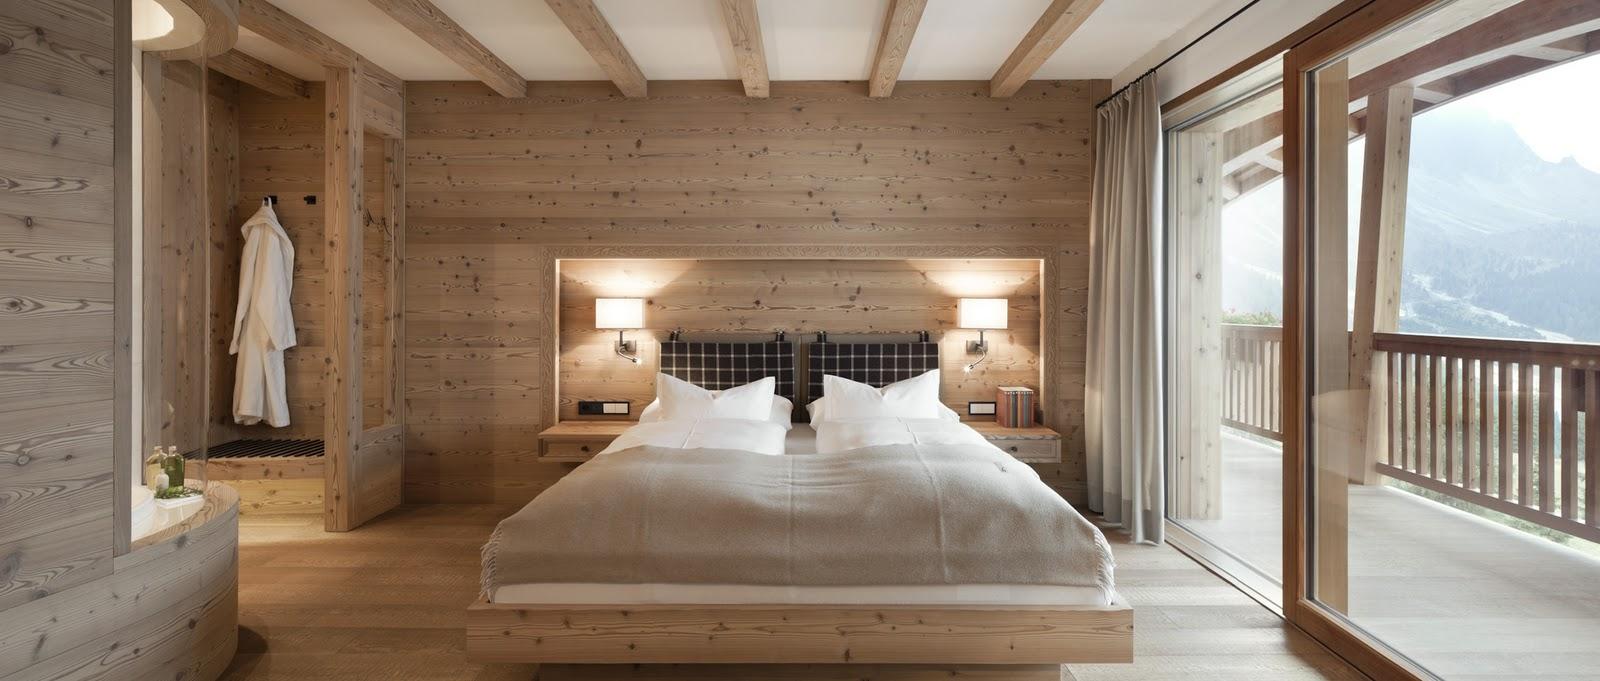 Top Ski Resort 2011 – Le nostre migliori selezioni  The World is ...